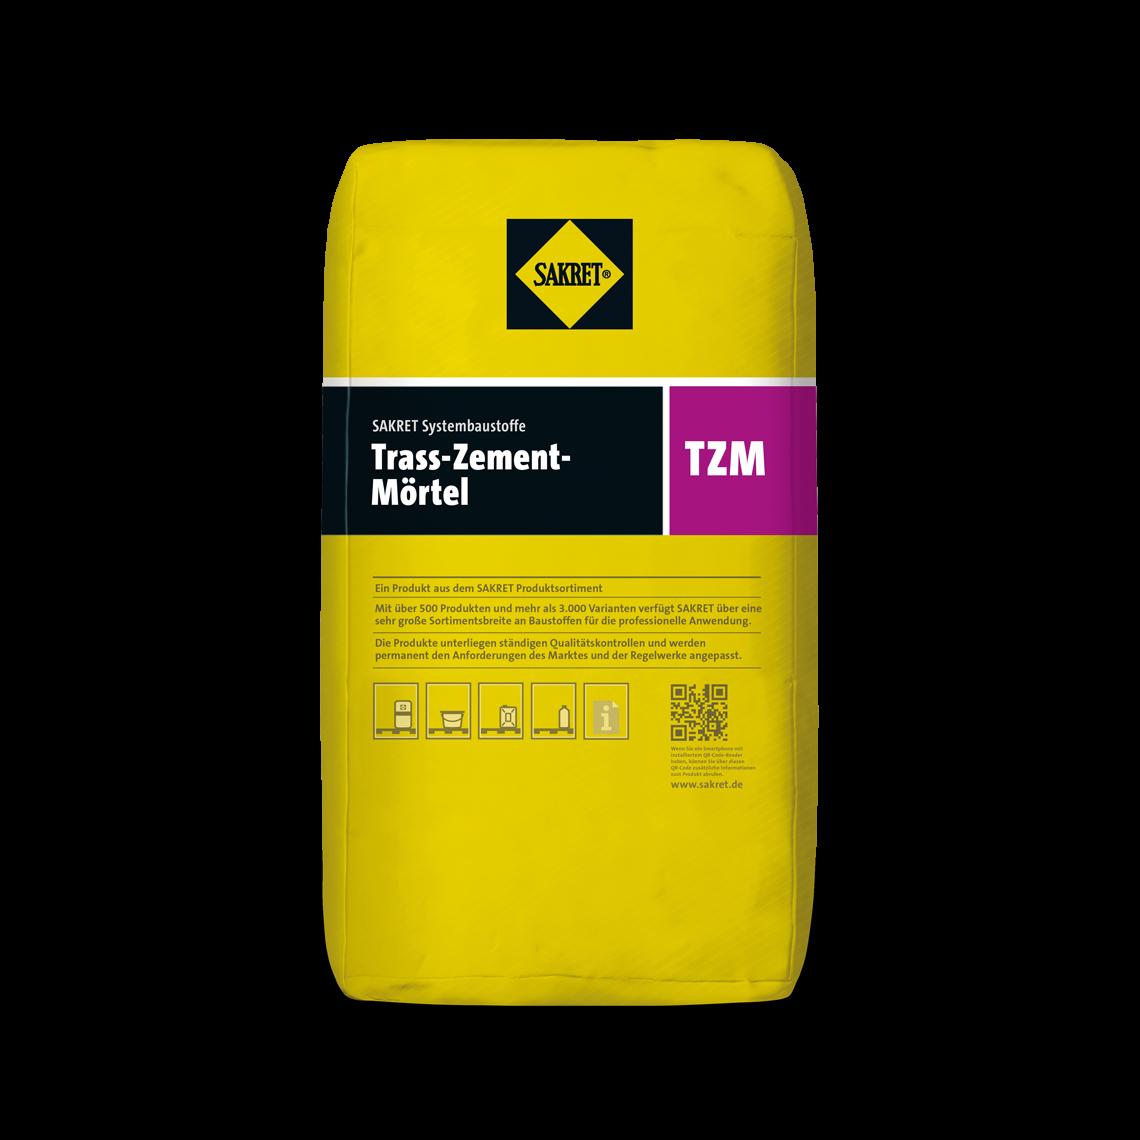 Abbildung SAKRET Trass-Zement-Mörtel TZM